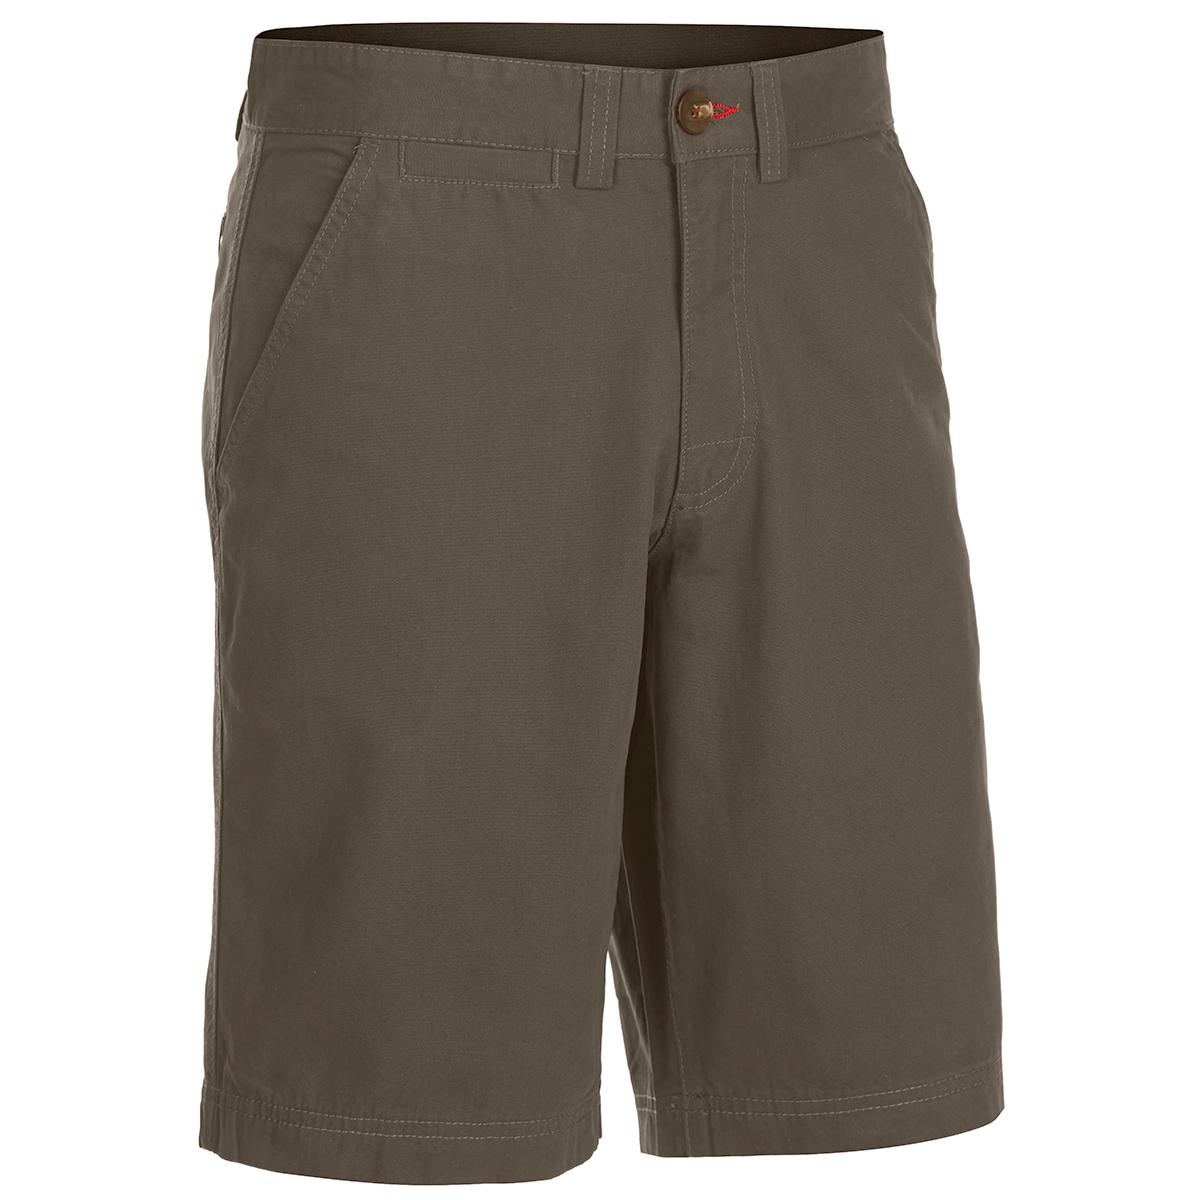 Ems Men's Ranger Shorts - Green, 34